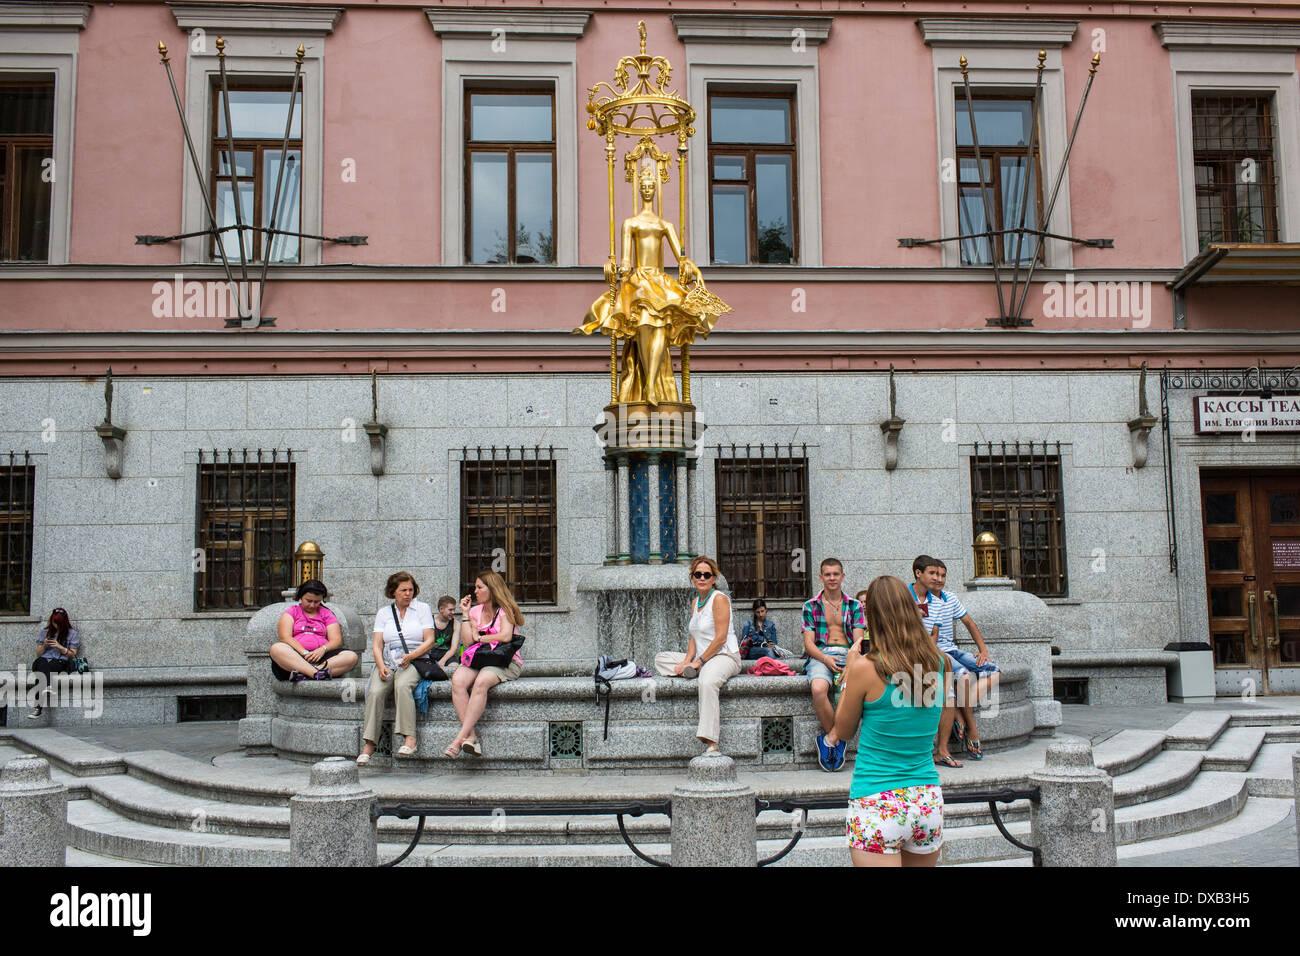 Frauen suchen männer anzeigen moscow russoa